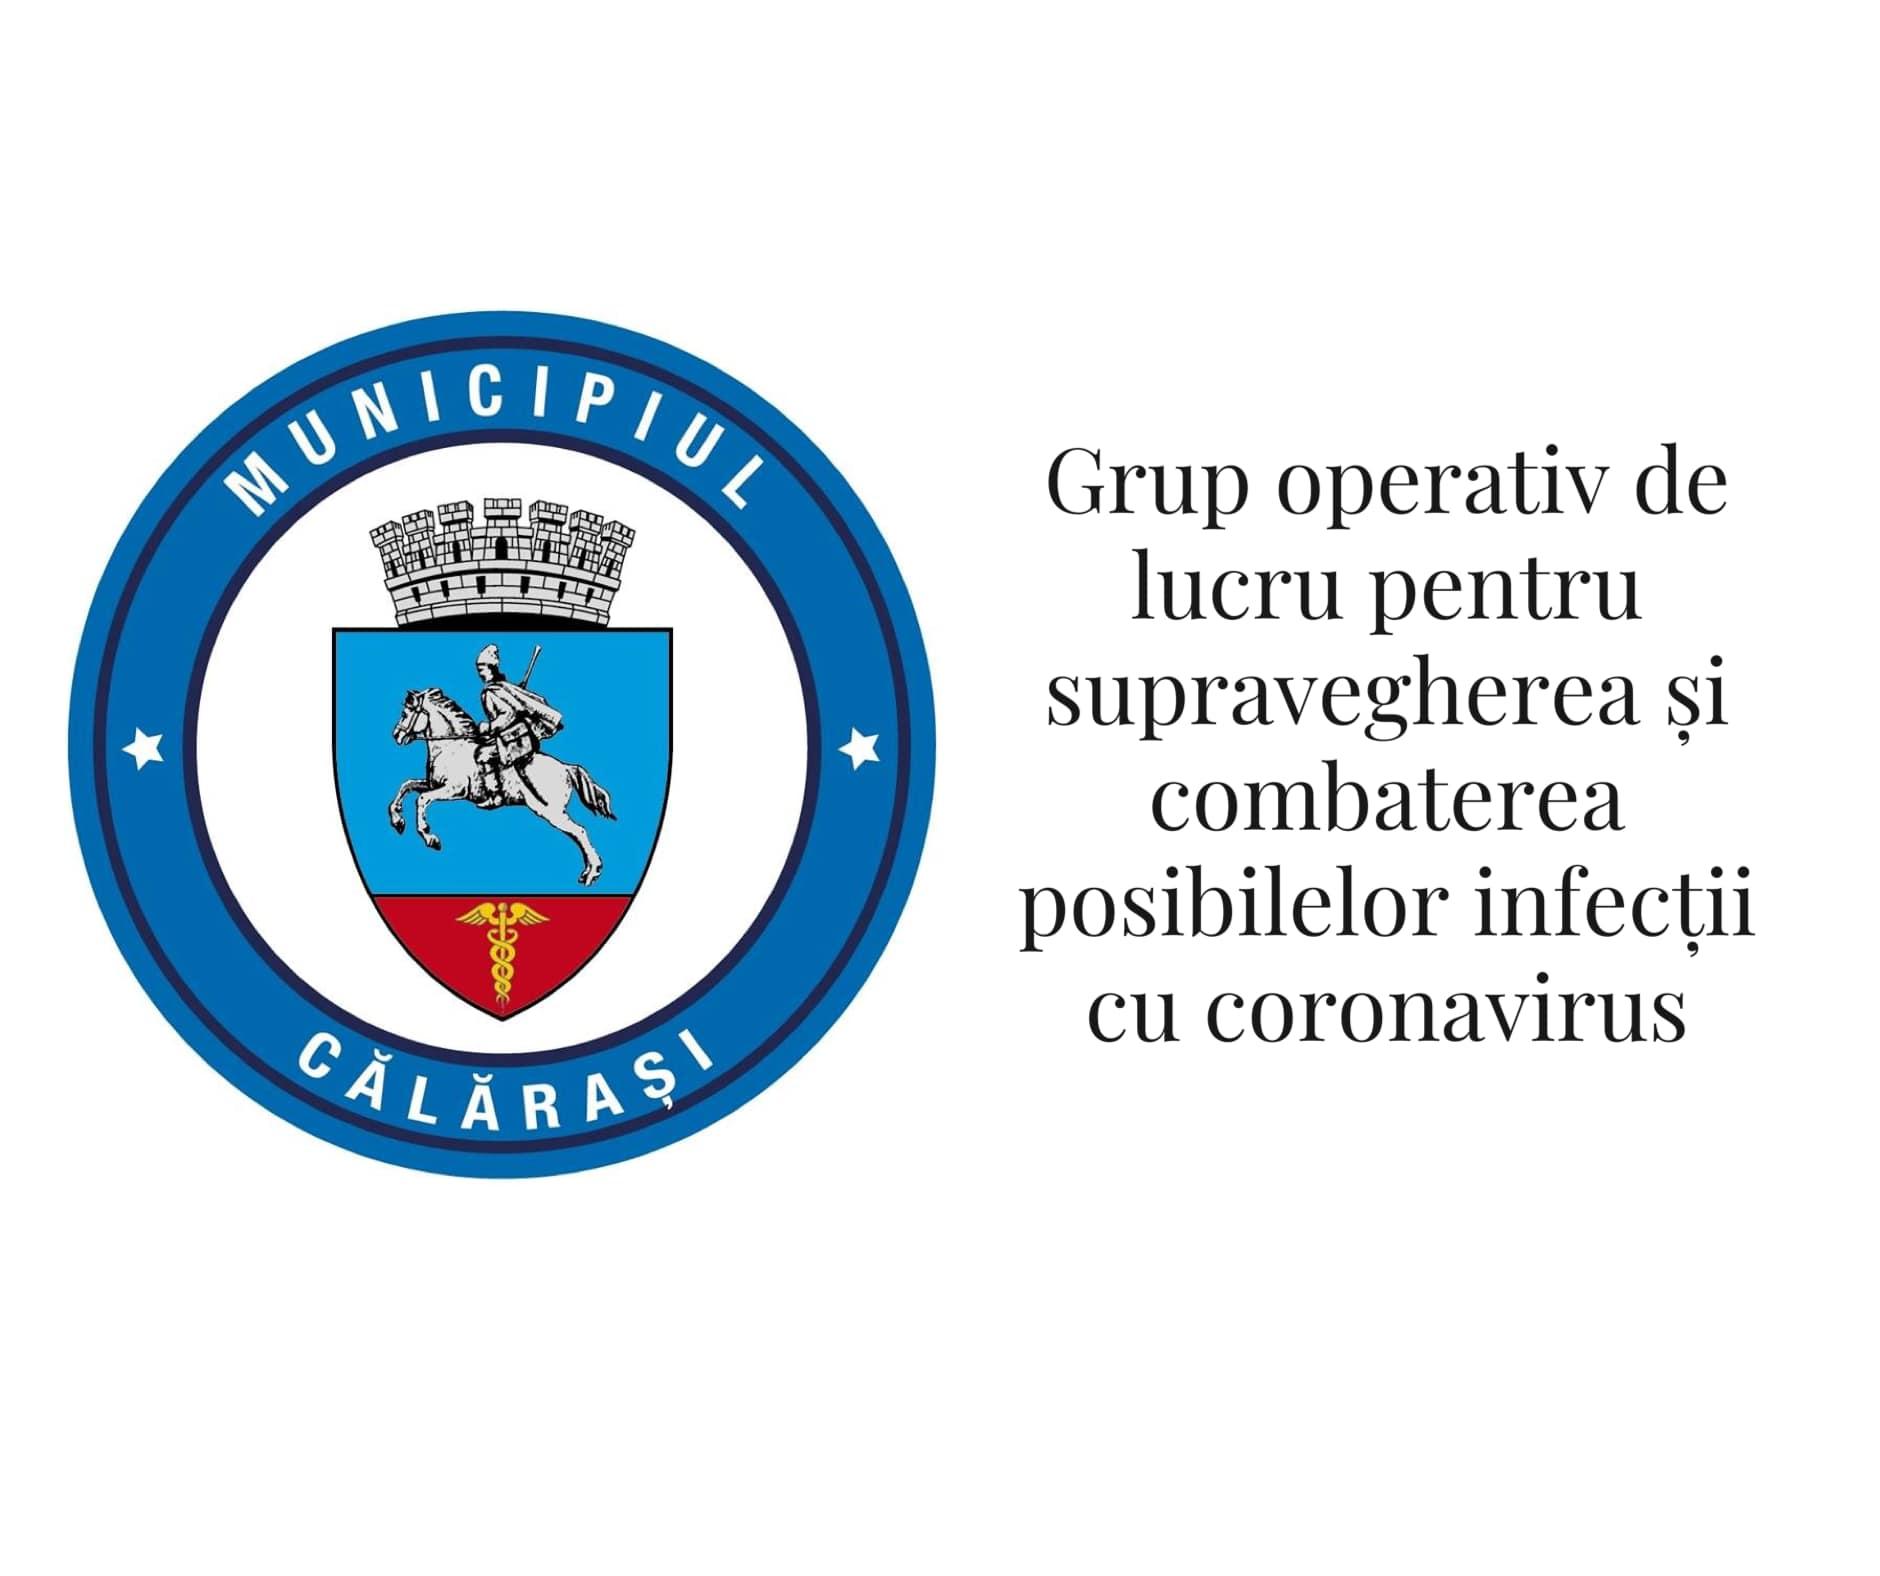 S-a constituit grupul operativ de lucru pentru supravegherea și combaterea  posibilelor infecții cu coronavirus